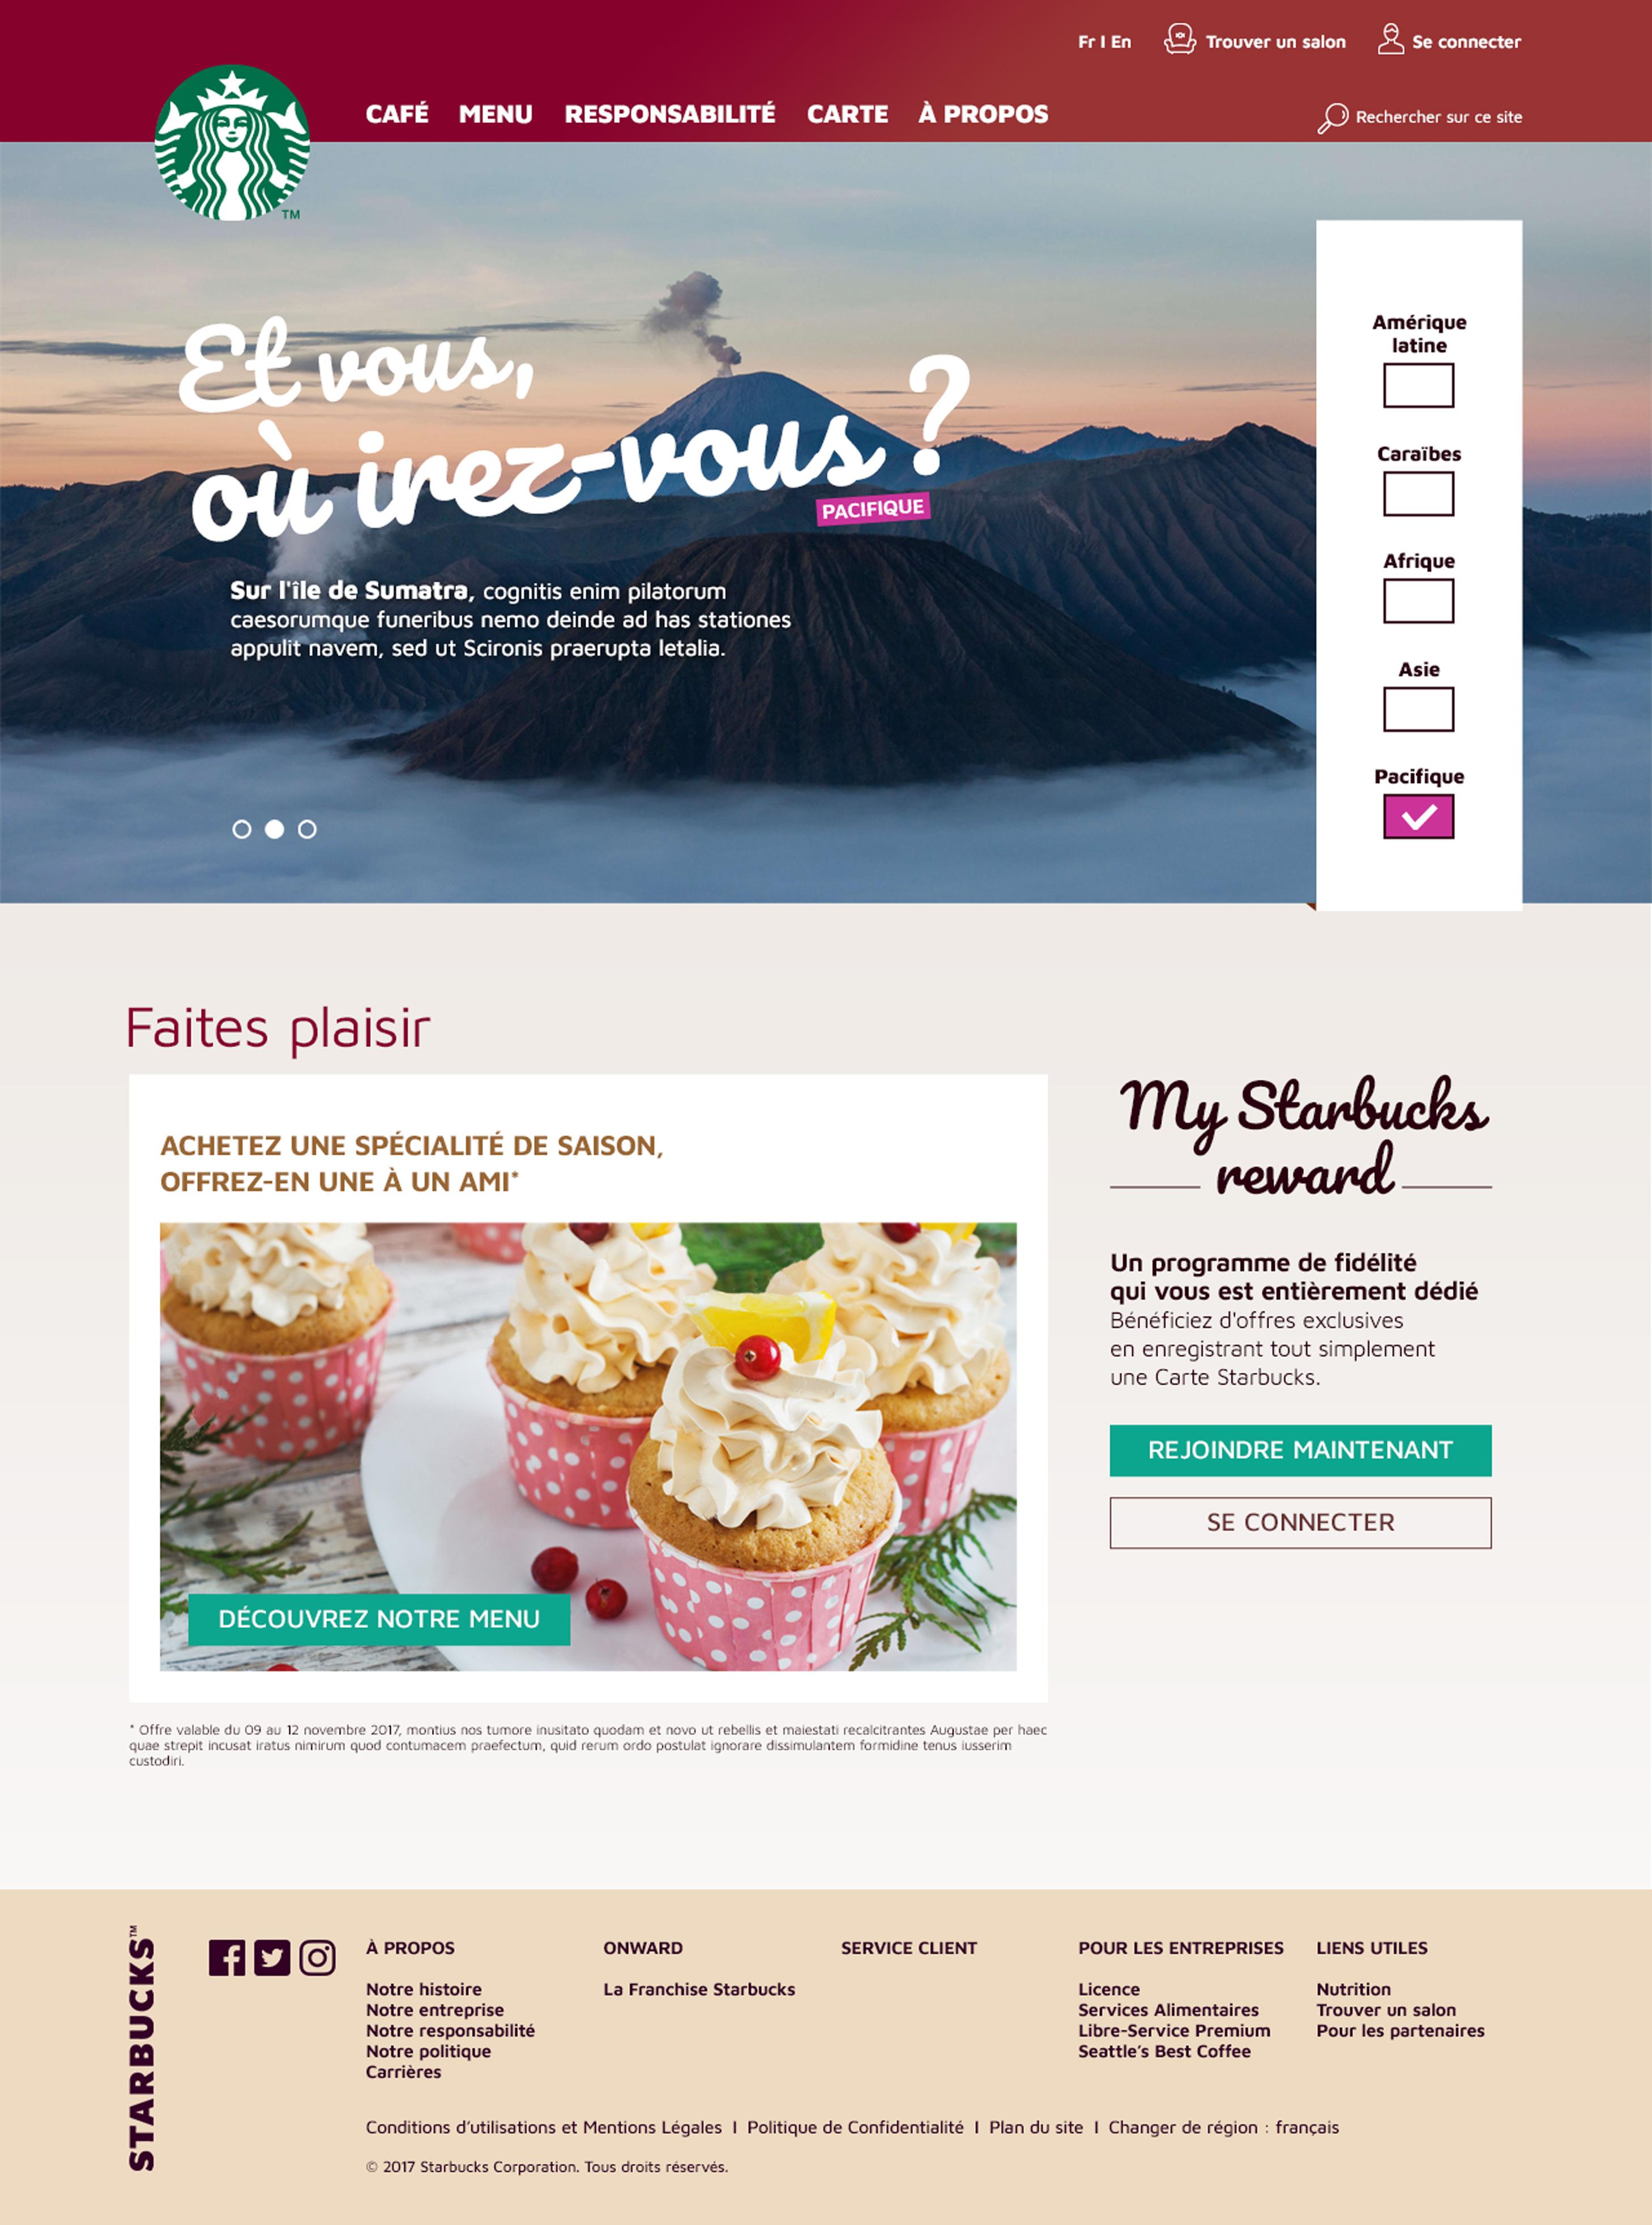 Page d'accueil du site Starbucks